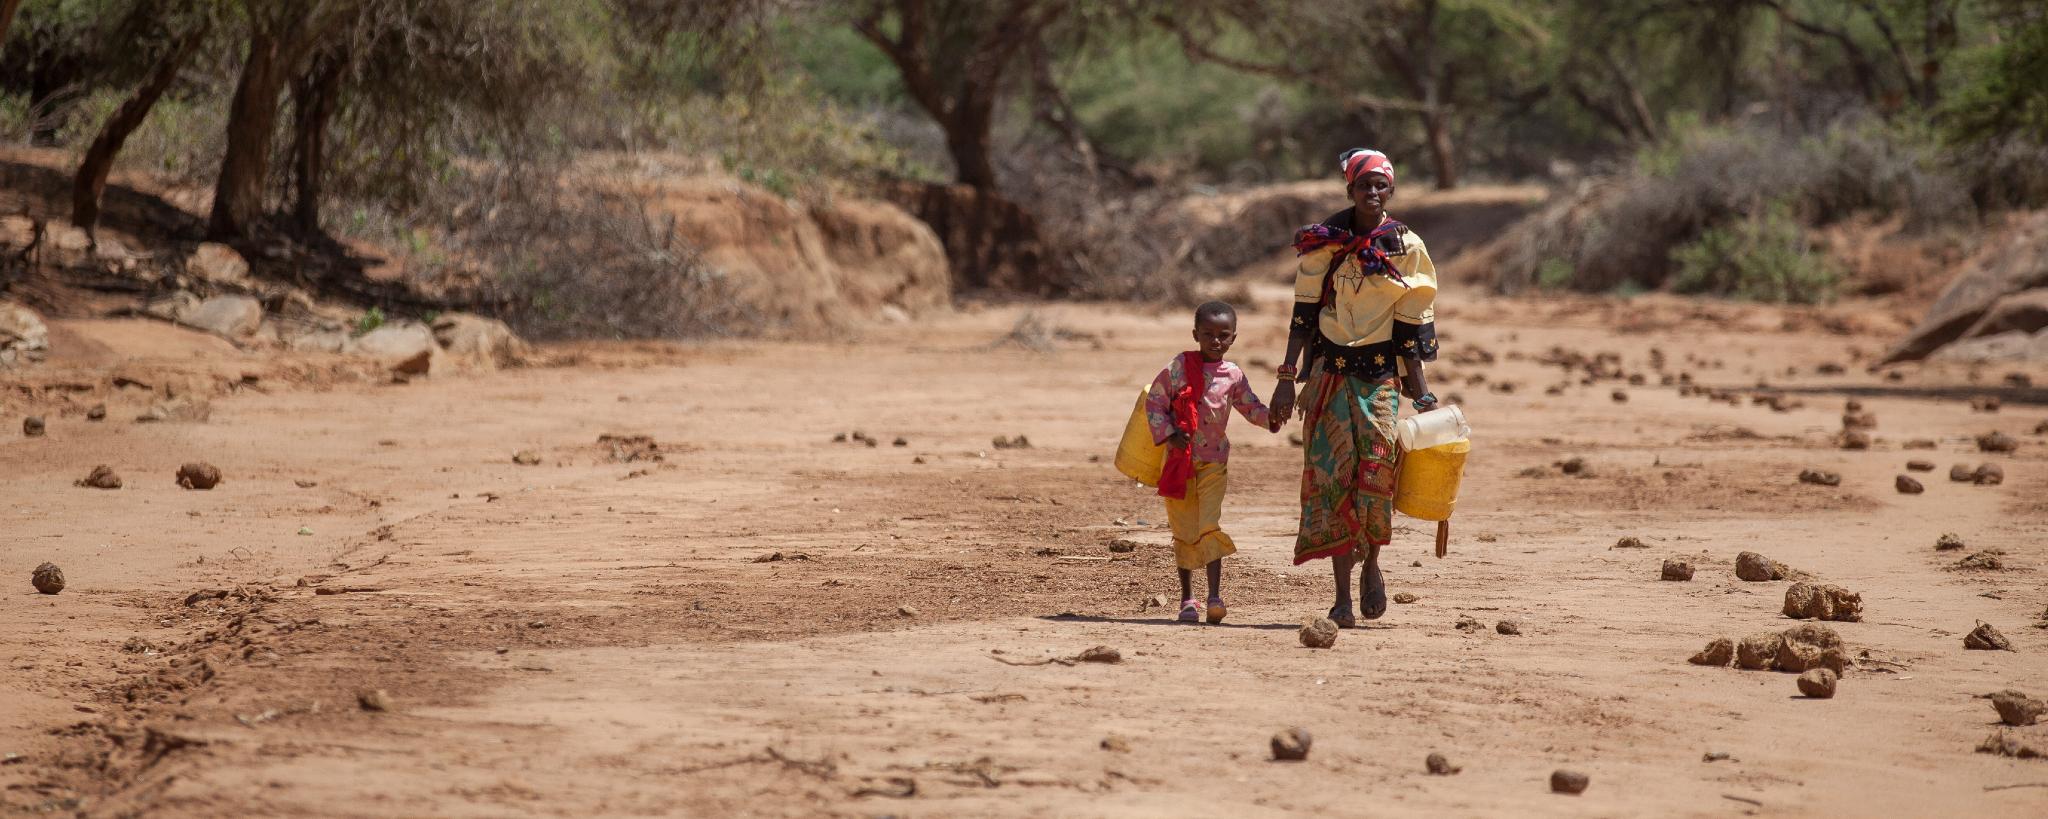 Emergenza siccita in Kenya - contea di Isiolo